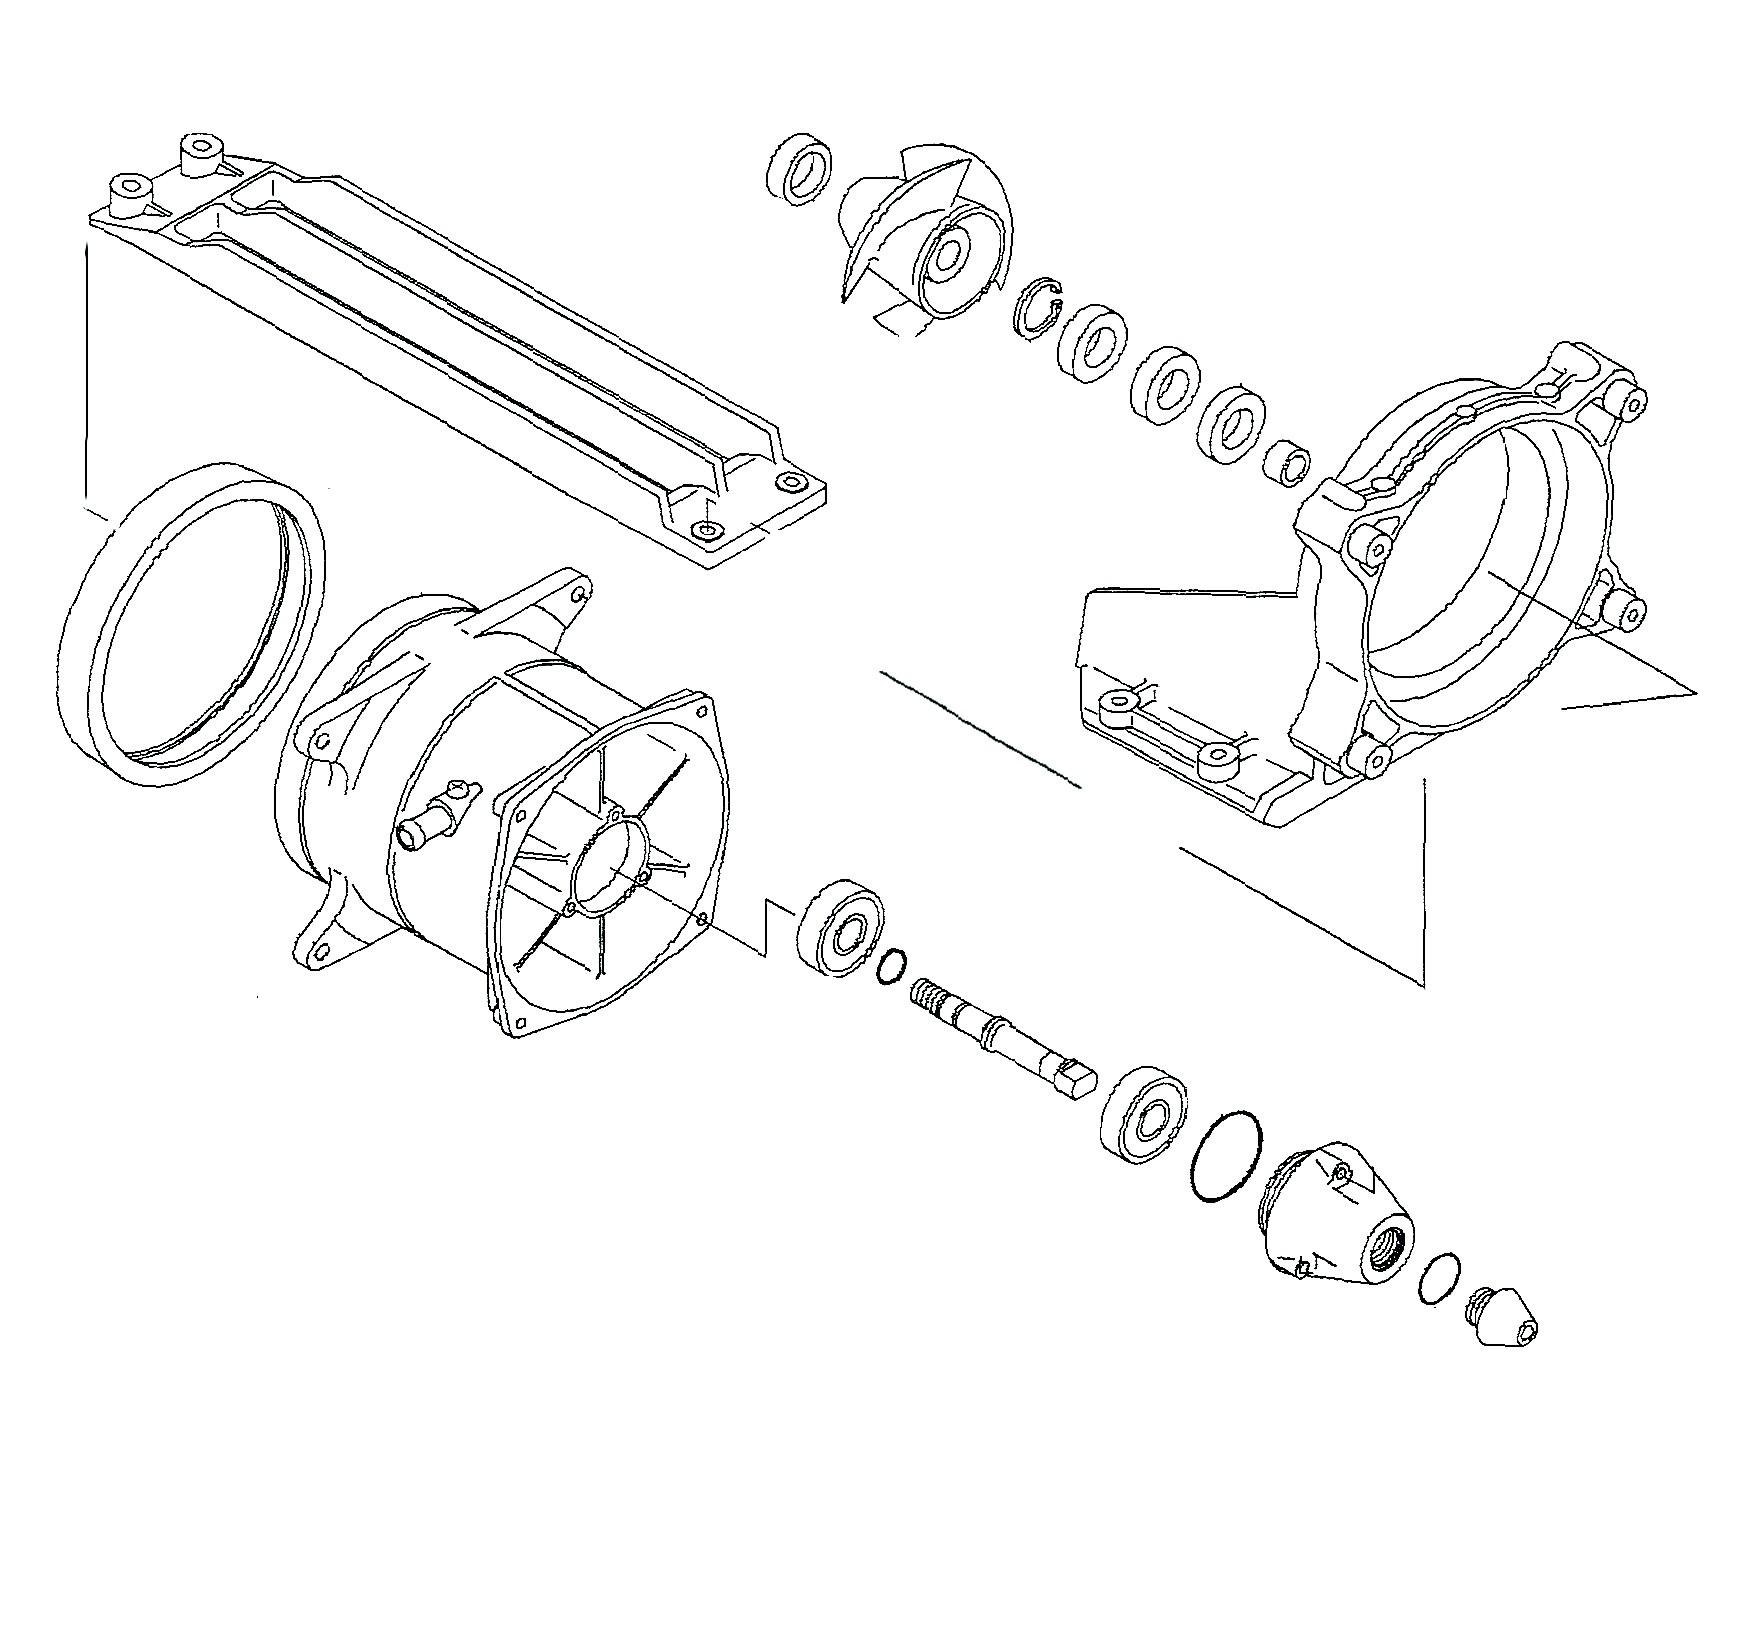 Kit Reparation De Turbine Wsm Kawasaki Stx 15f